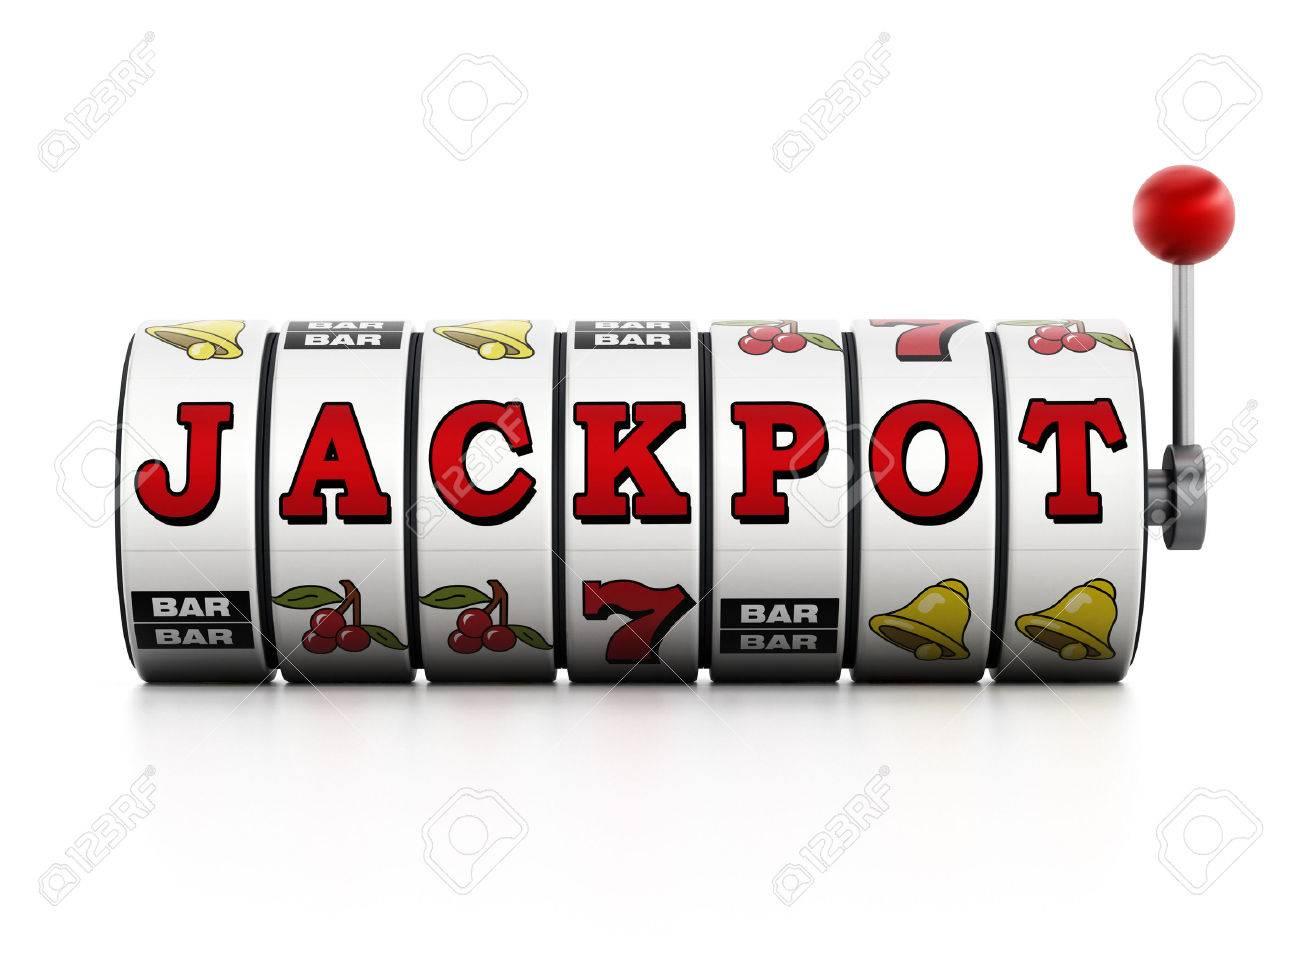 Slot machine showing jackpot word isolated on white background Stock Photo - 37936286